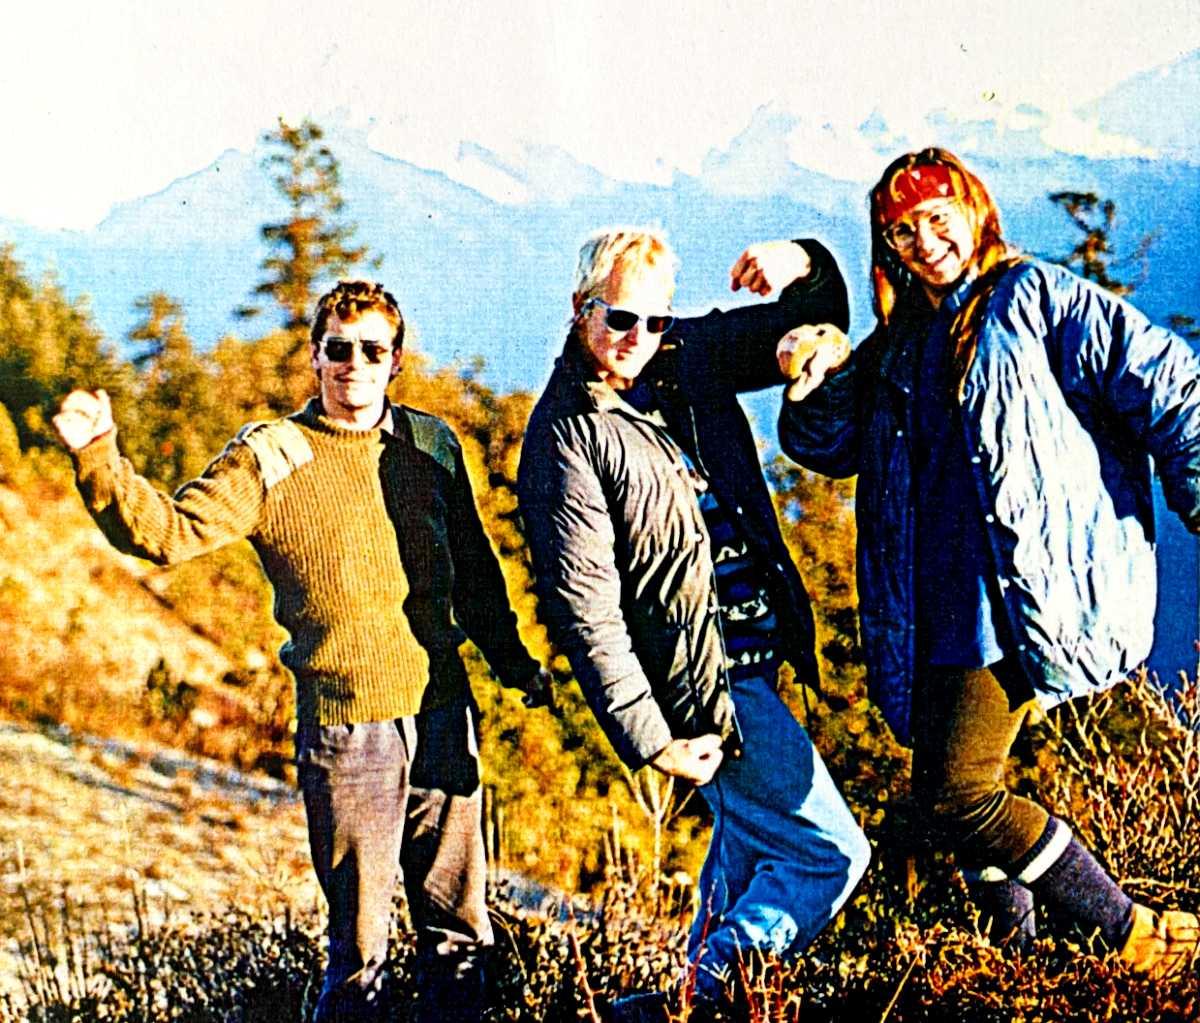 Yolanda and Trekking friends on the Anapurna Circuit Nepal